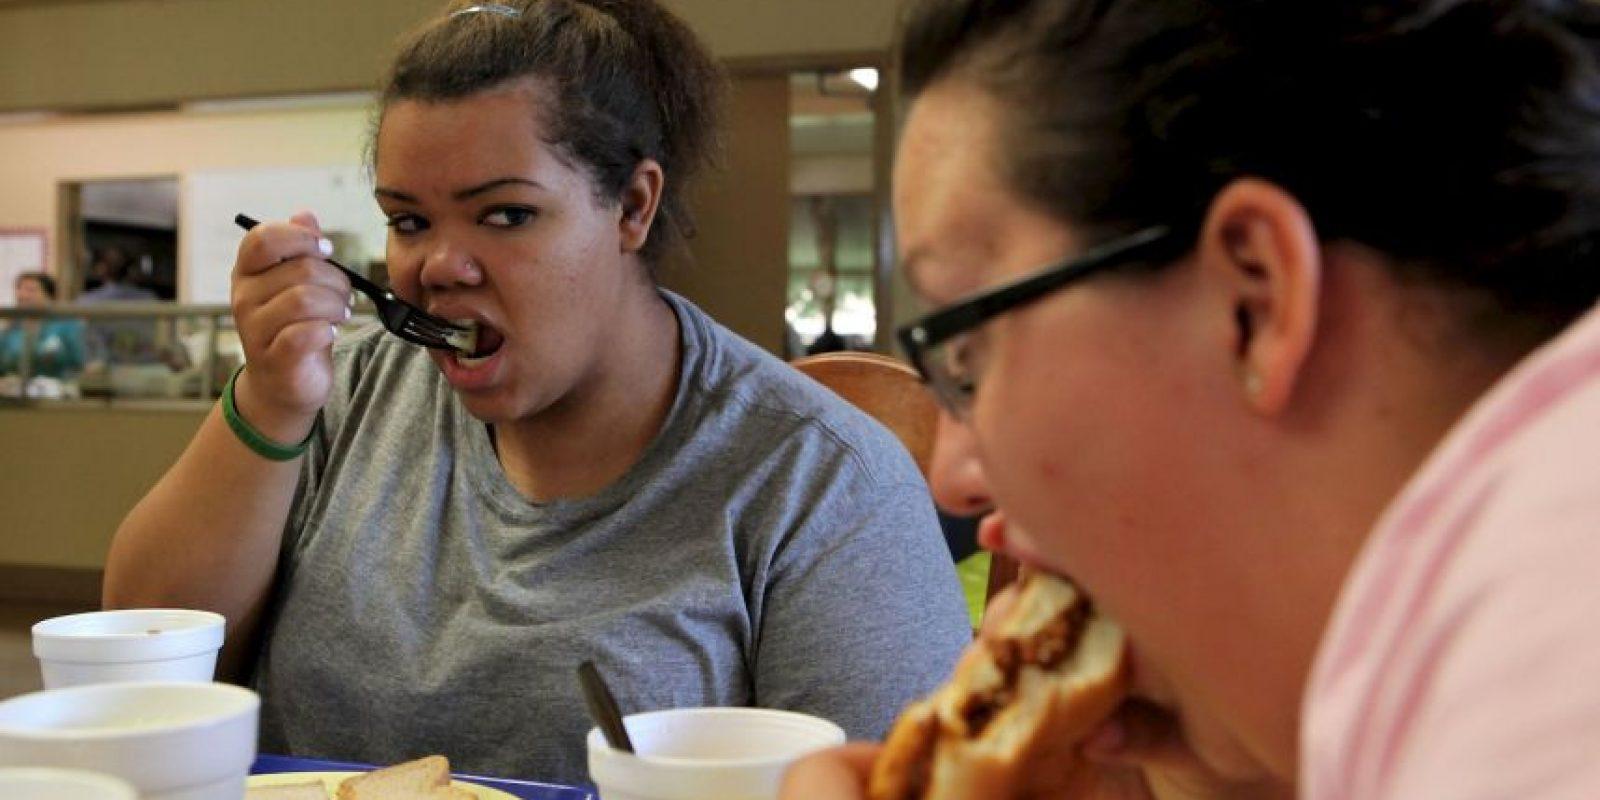 6. Hinchazón estomacal, problemas de la piel, tales como la urticaria, depresión, ansiedad, aumento o pérdida de peso Foto:Getty Images